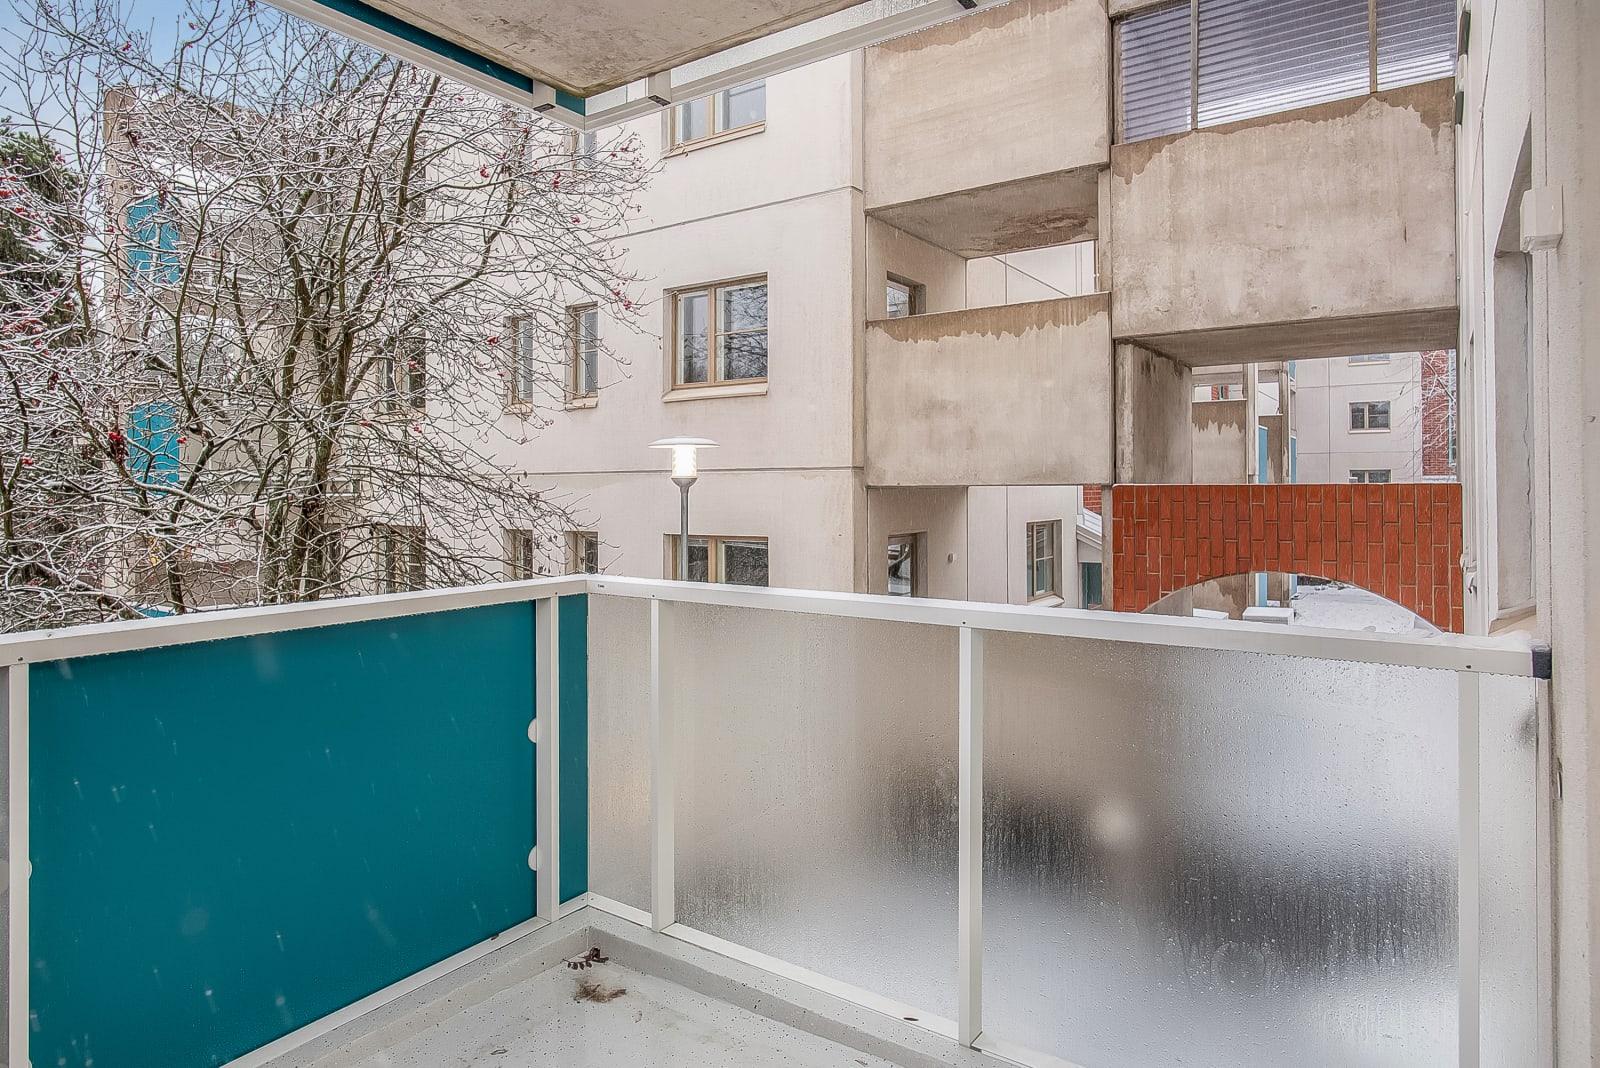 Helsinki, Pihlajamäki, Johtokiventie 8